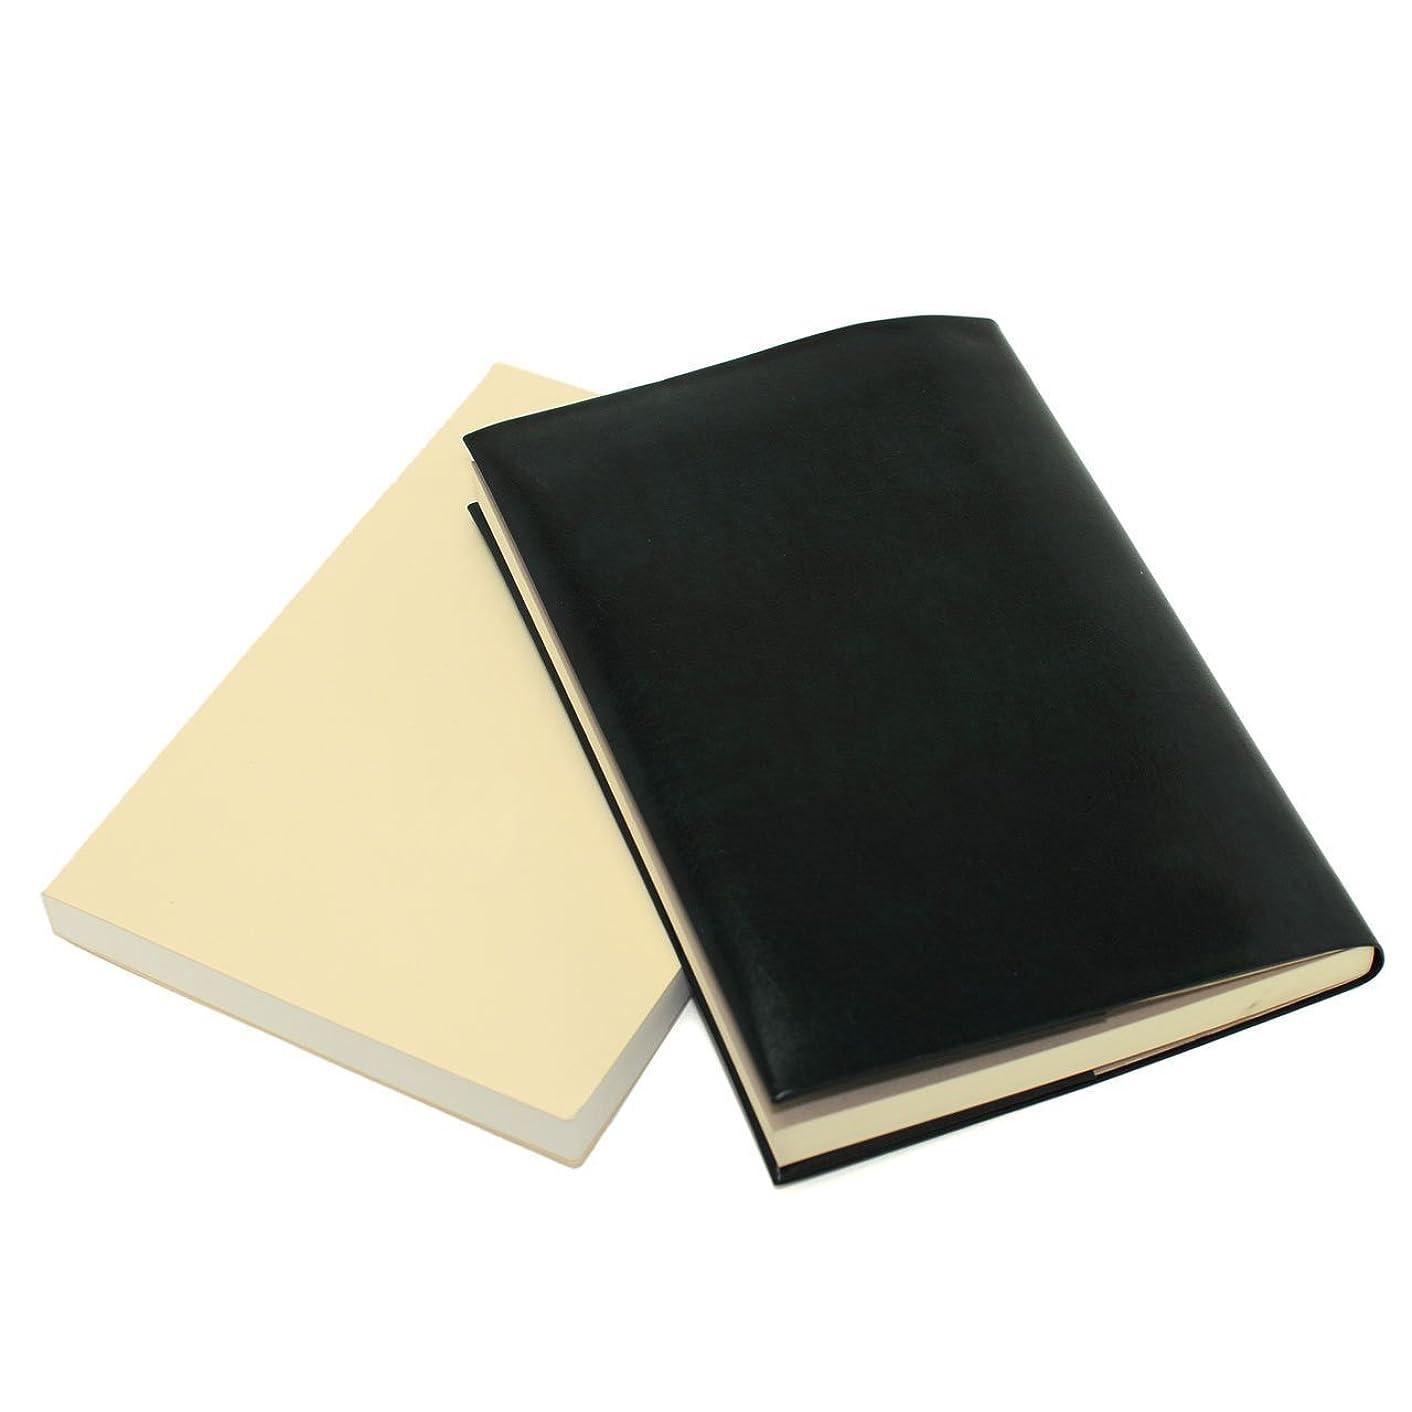 有罪嬉しいです裸お手入れいらずのほぼ日手帳カズン対応 A5サイズ リサイクルレザー カバー(クロムグリーン)